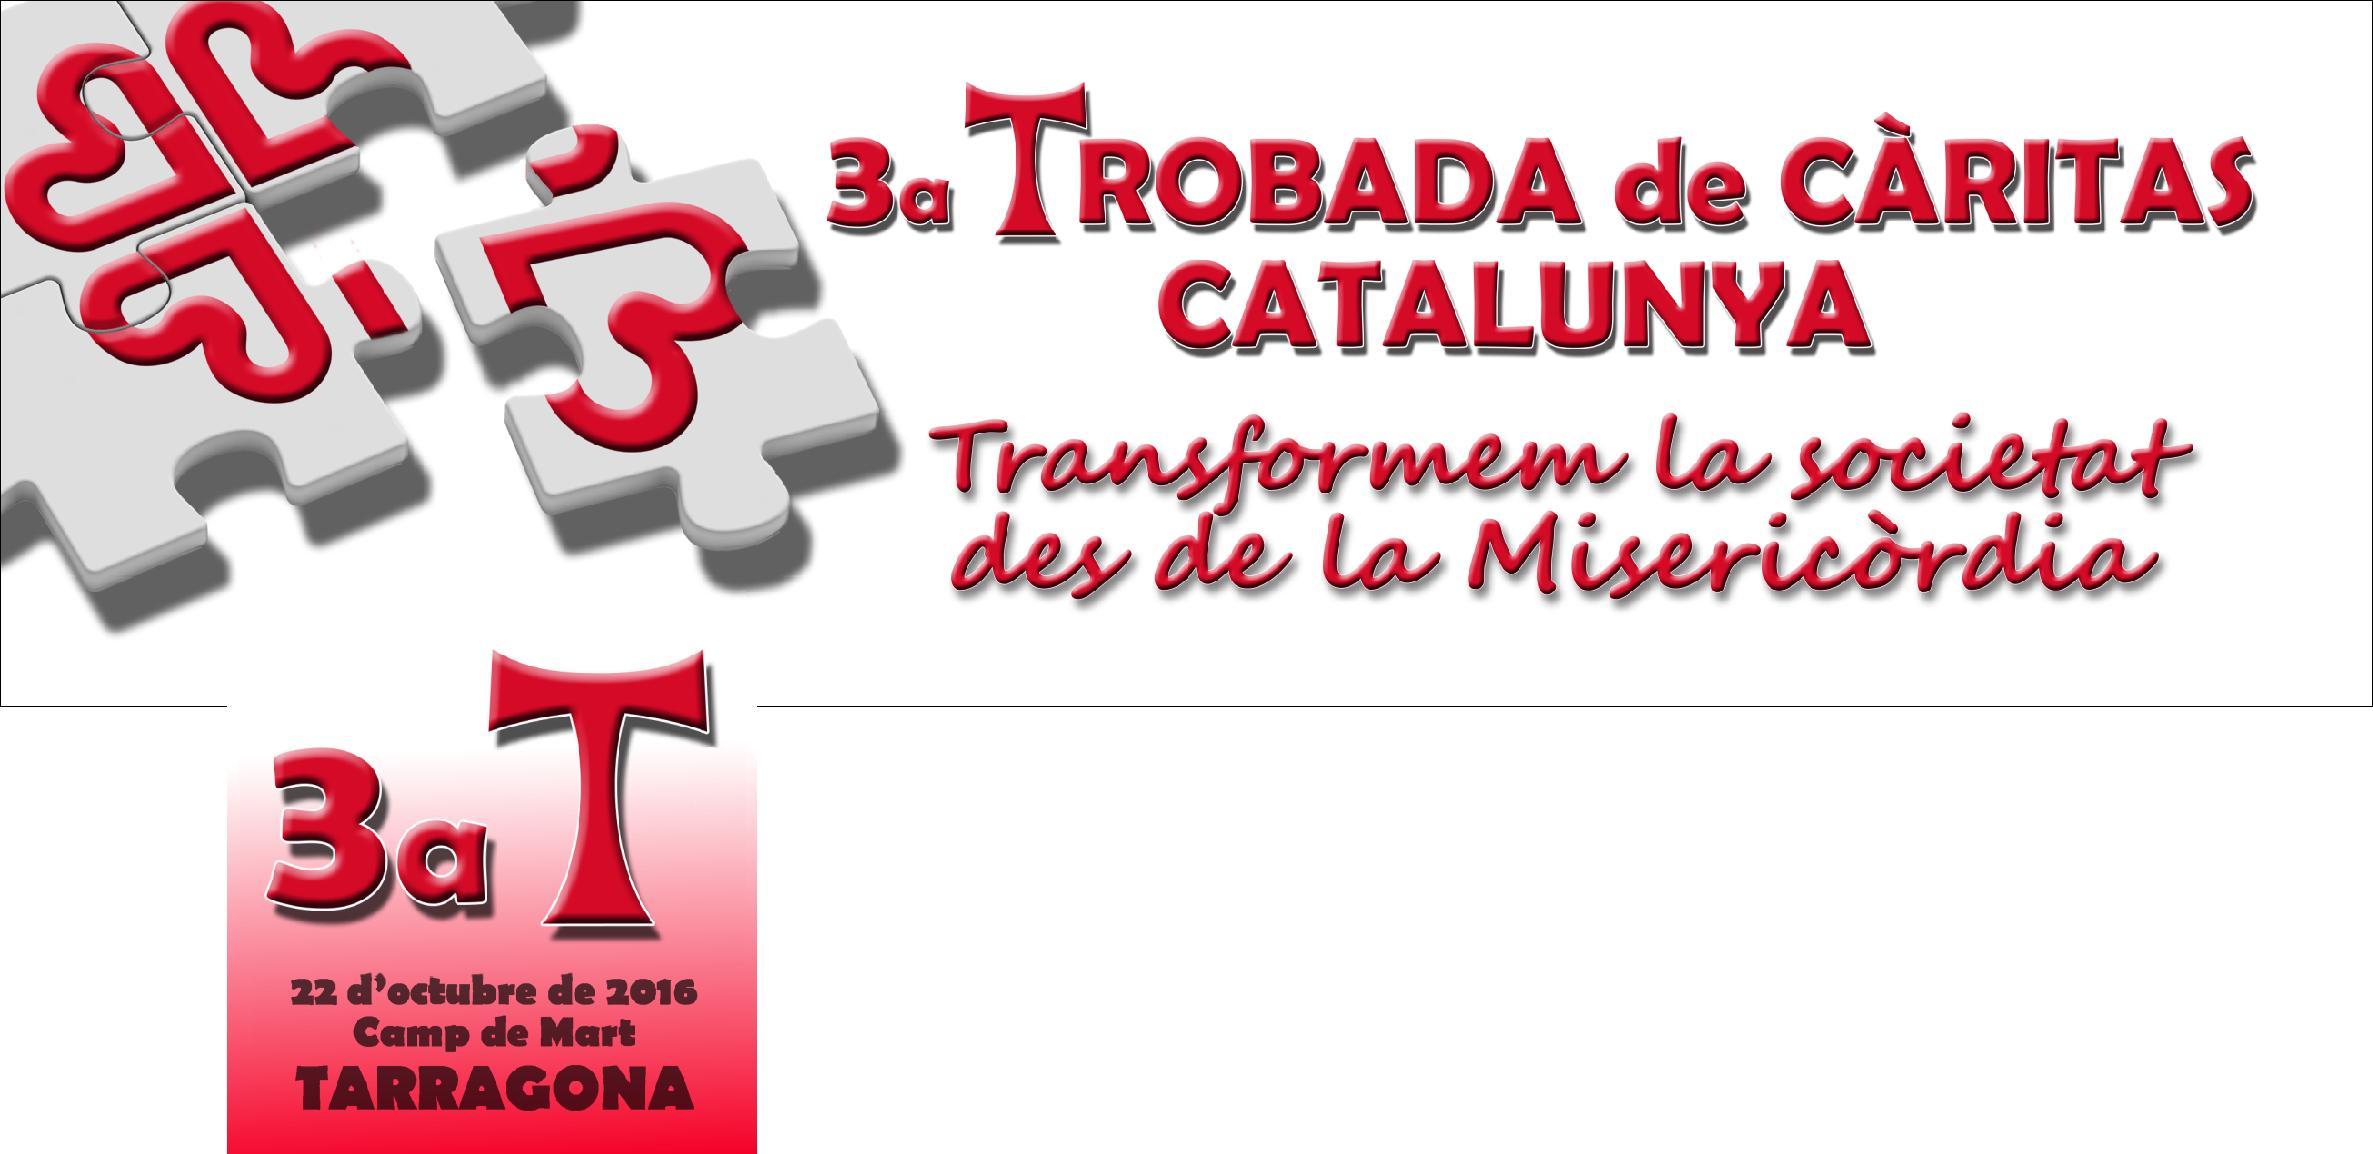 logo tercera trobada